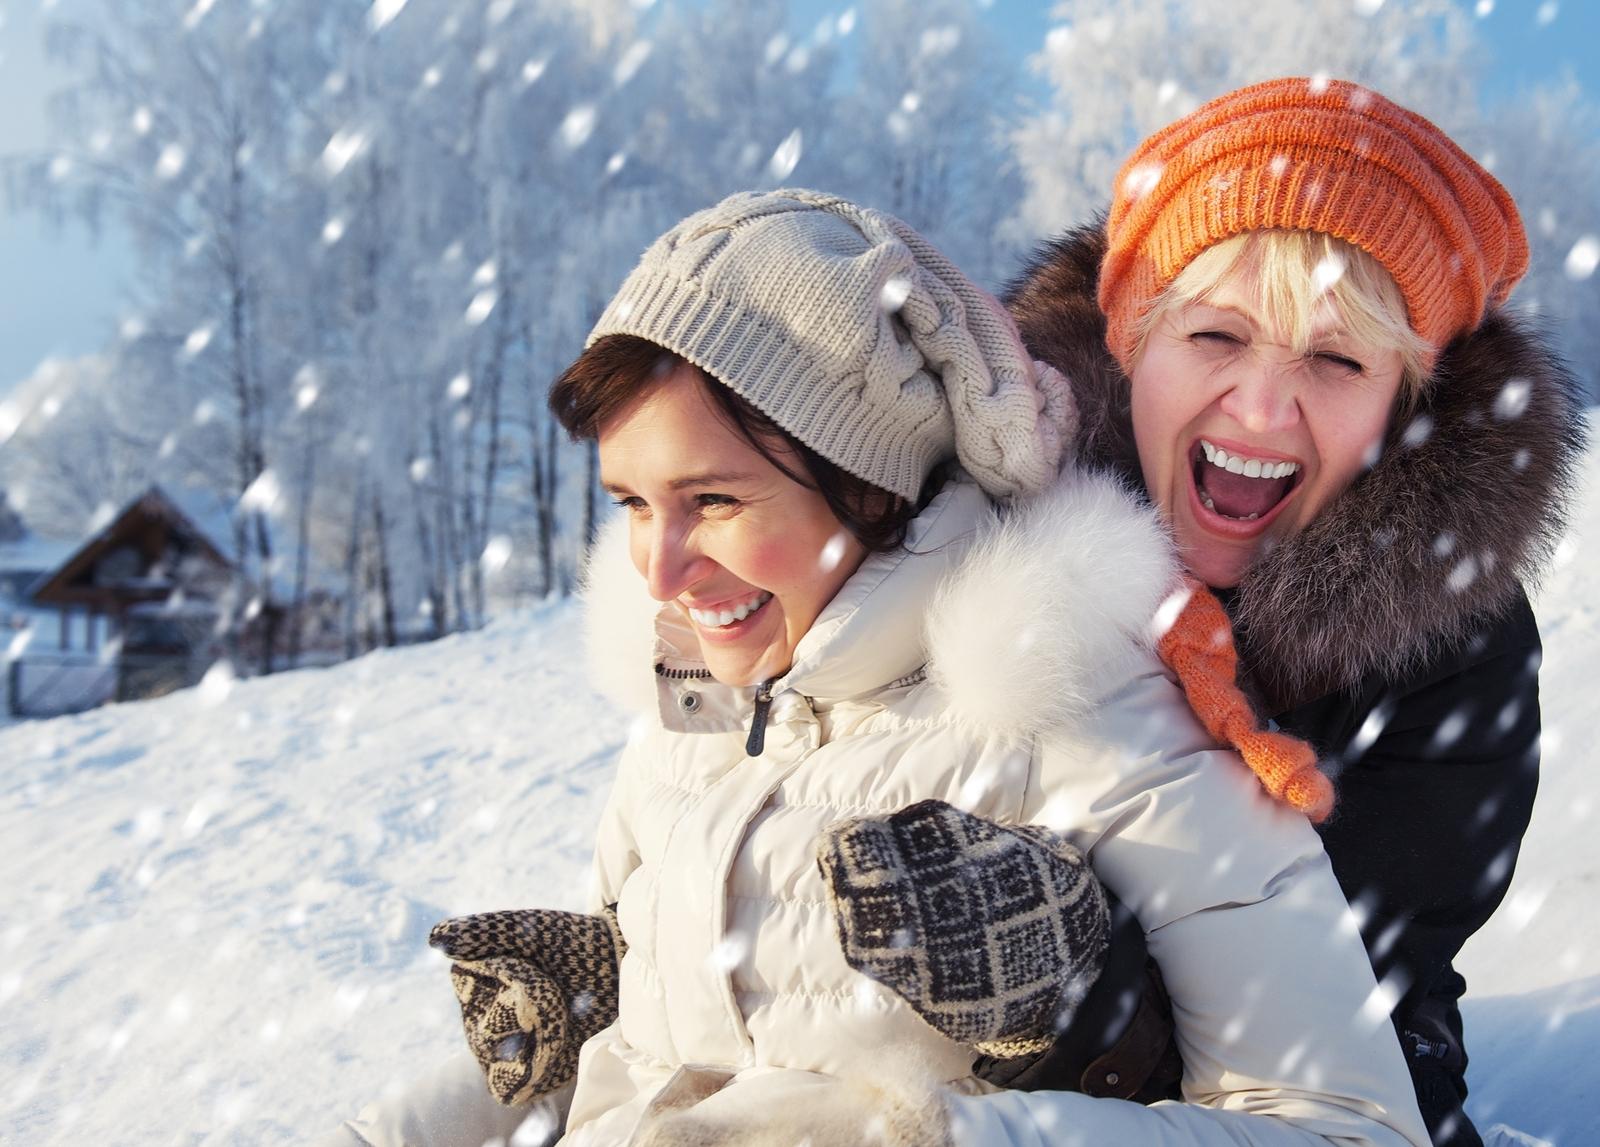 bigstock-Mother-and-daughter-having-fun-13218710.jpg